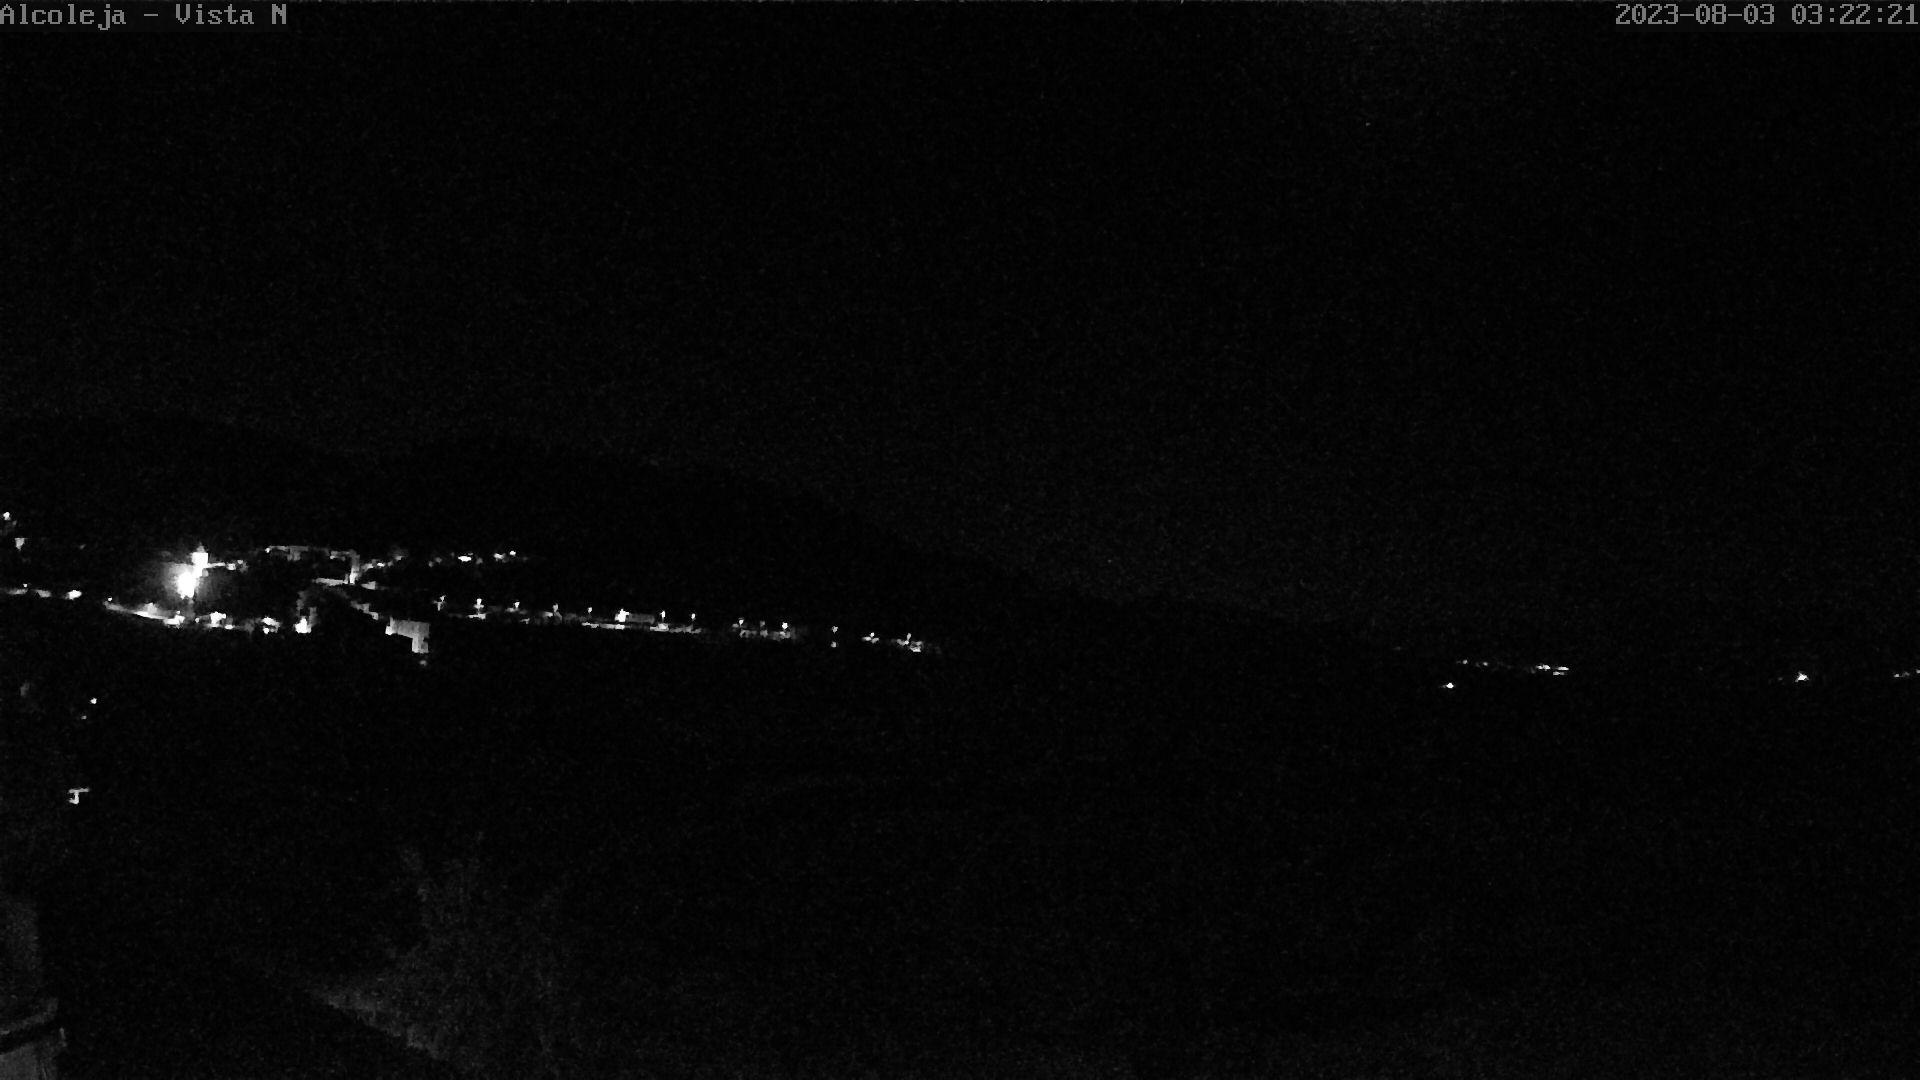 Webcam Alcoleja